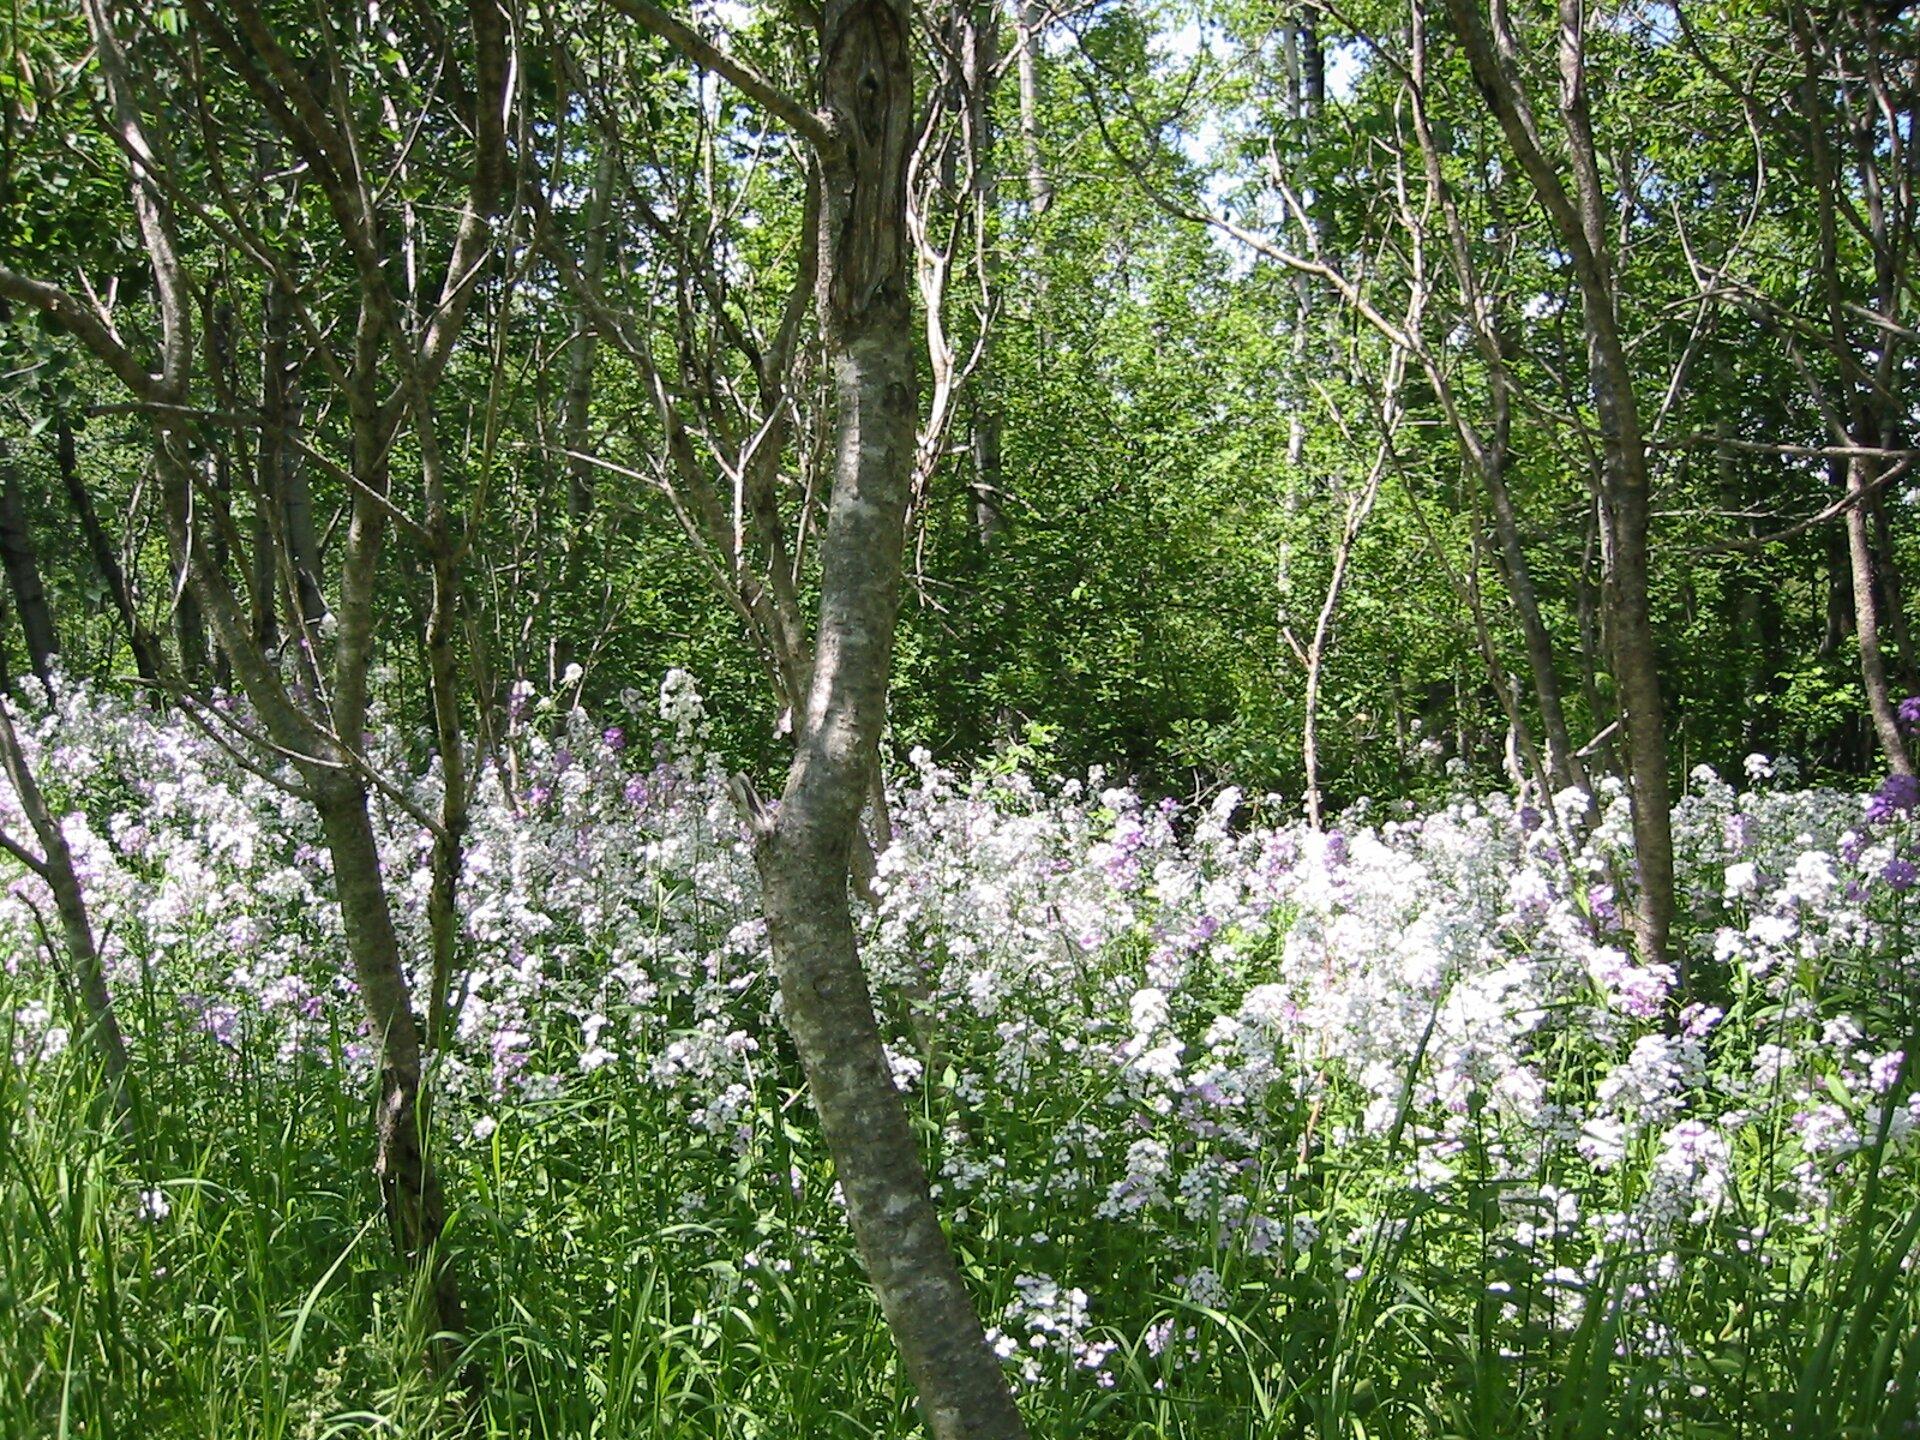 Fotografia przedstawia wnętrze lasu liściastego. Rosną wnim niewielkie drzewa ocienkich pniach ibiało kwitnące, wysokie rośliny zielne.